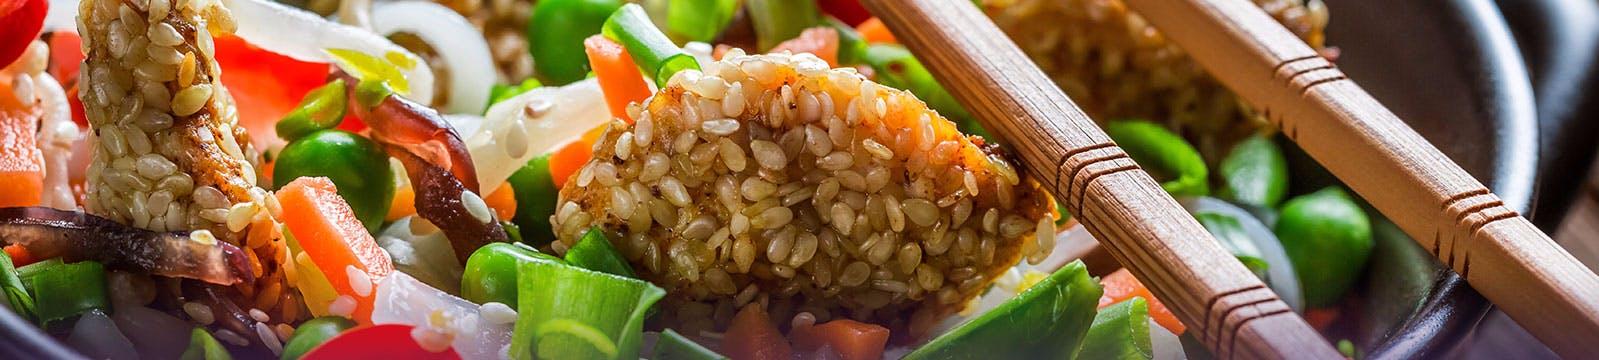 Nasi azjatyccy kucharze, <br>przeniosą cię w niezapomniany <br>świat tajskiej kuchni